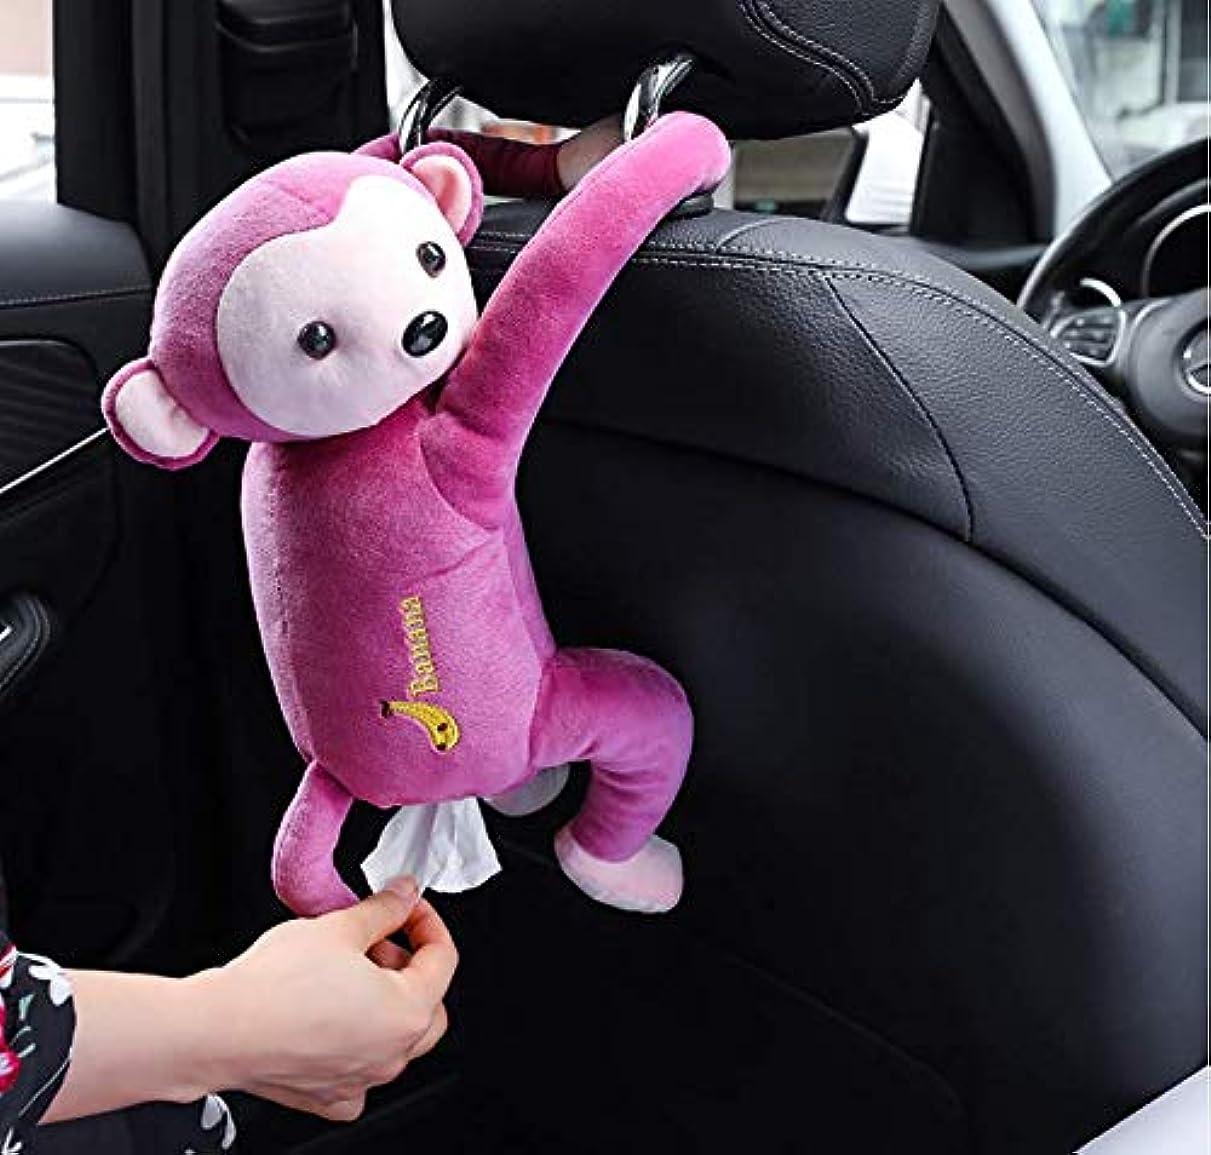 レール証明ヒロインCozyswan さるスタイルティッシュボックス おもしろい 両手にボタンで嵌め込む 車内 掛ける可能 かわいい お尻から引き出す